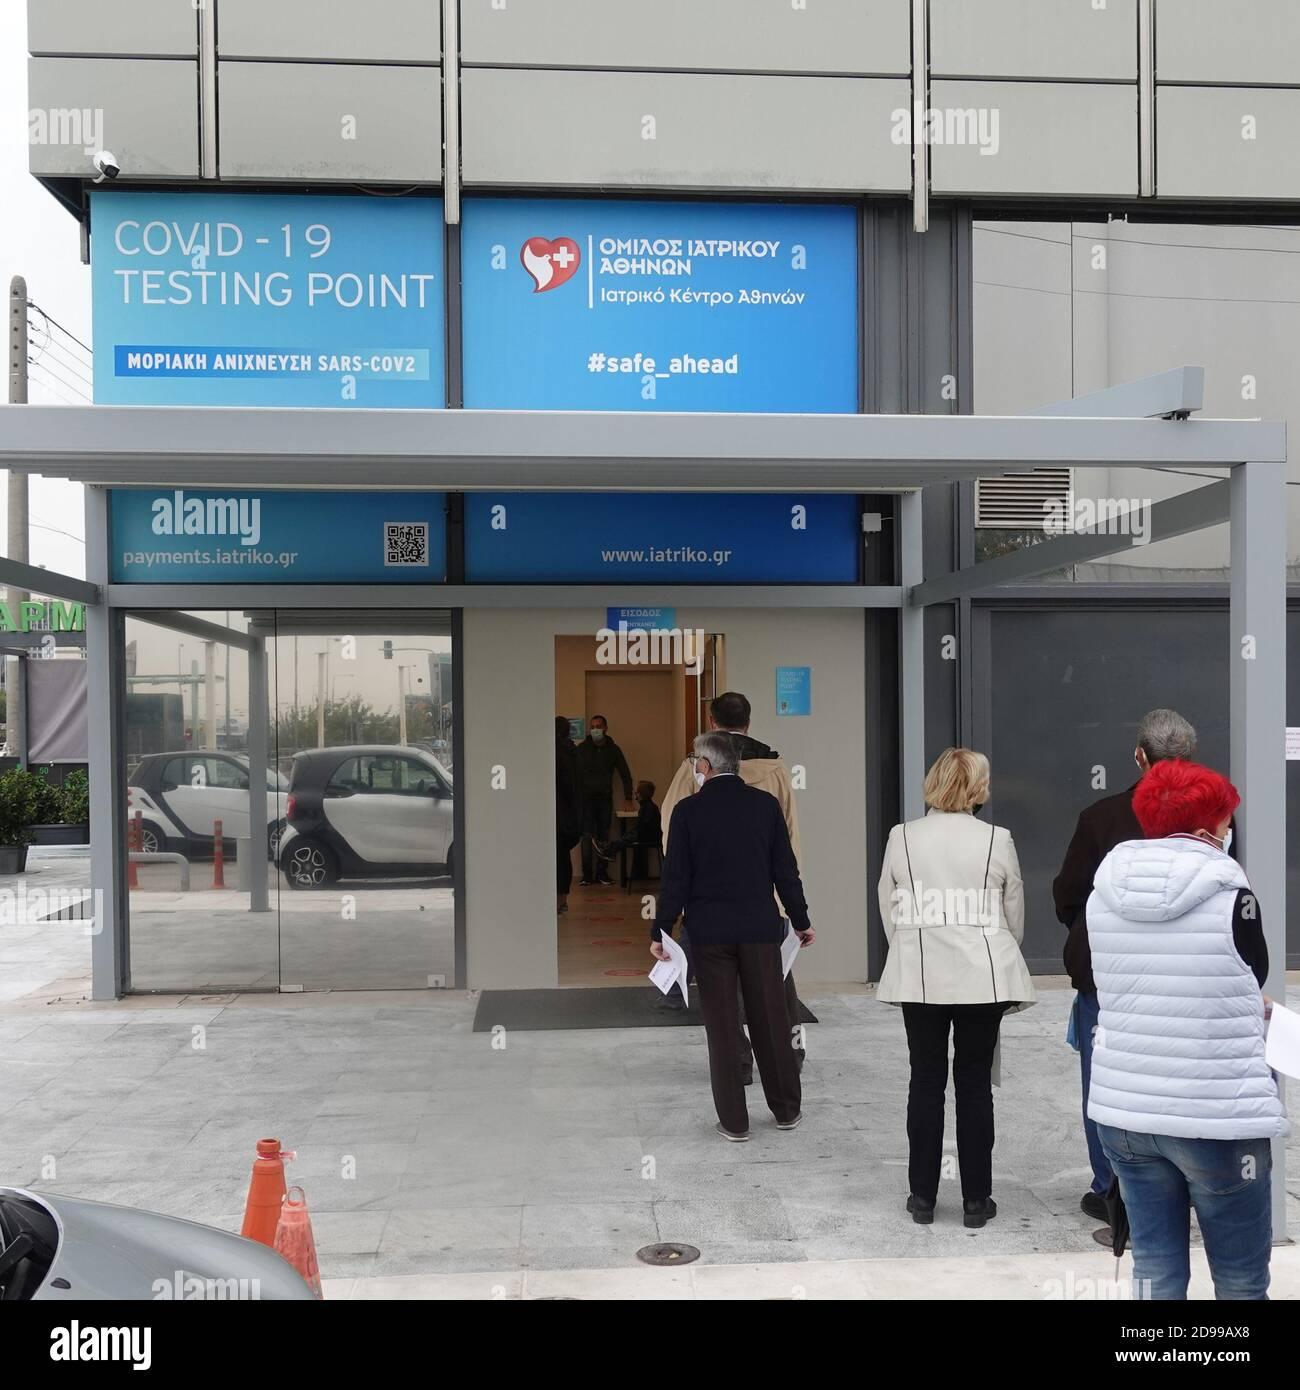 Athènes, Grèce - 3 novembre 2020 : personnes en attente à l'entrée du site de détection moléculaire Covid-19 pendant la deuxième vague du coronavir Banque D'Images